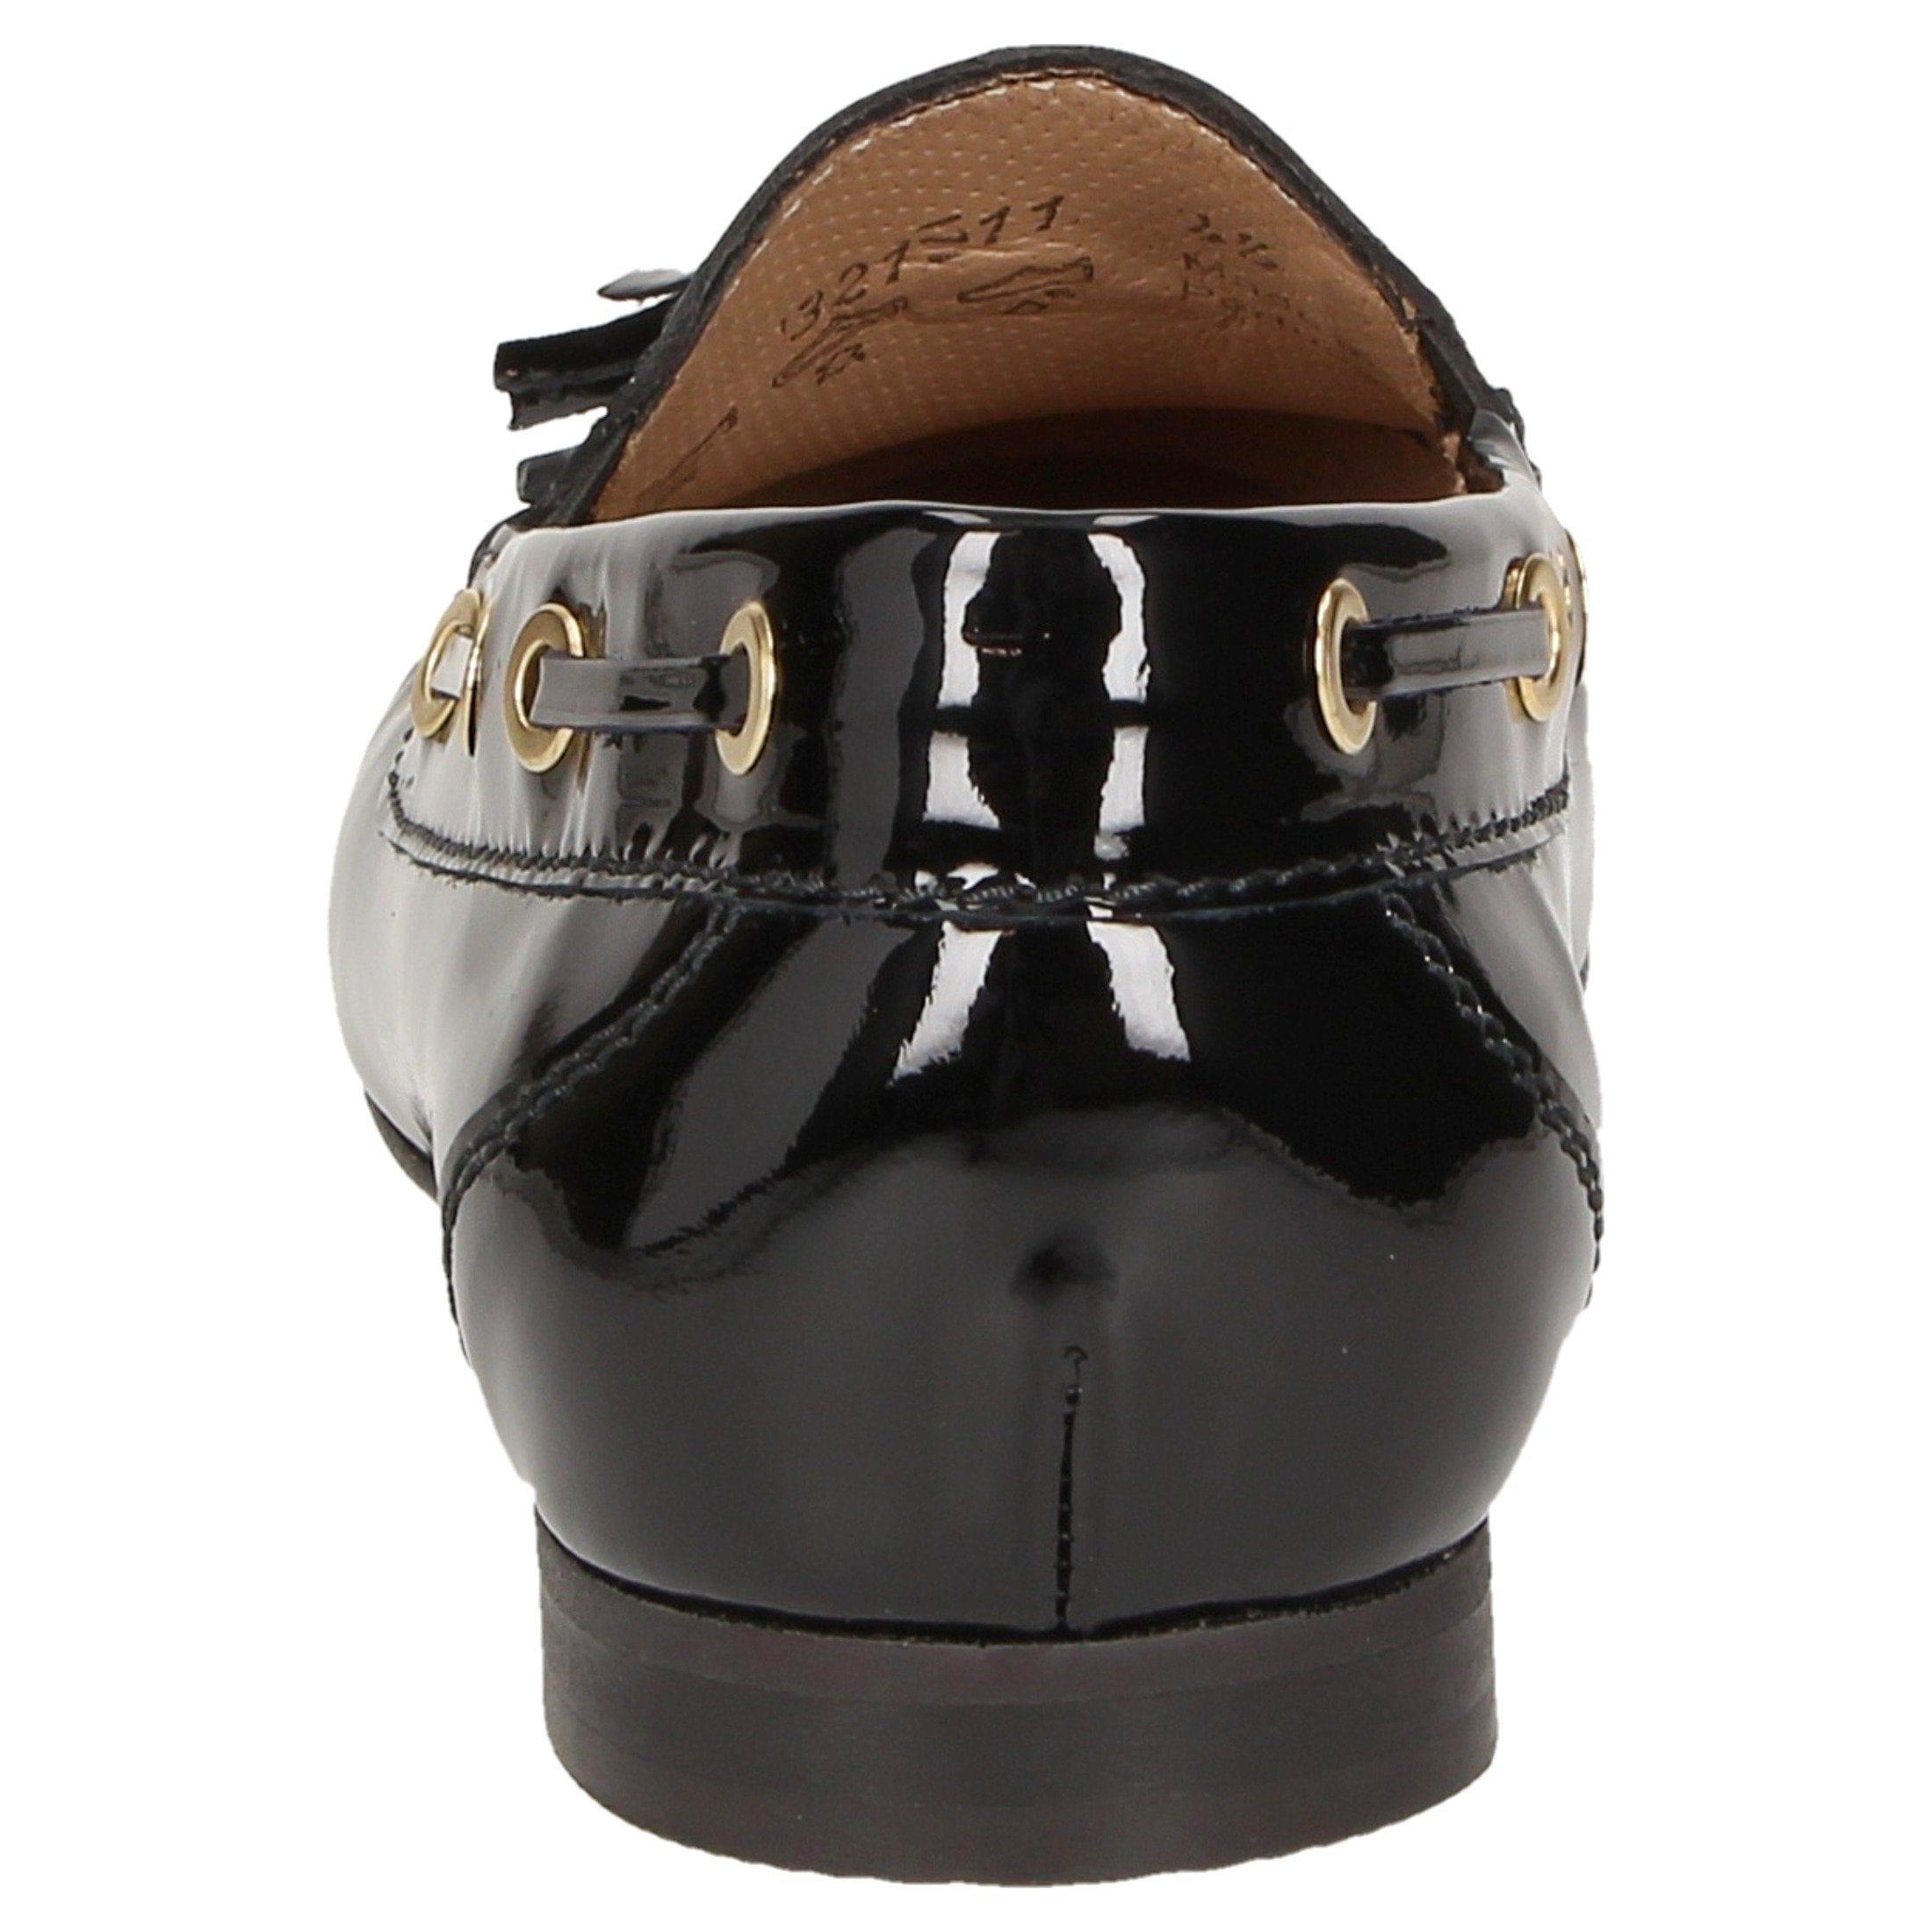 SIOUX Slipper kaufen  ;Borika-XL günstig online kaufen Slipper | Gutes Preis-Leistungs-Verhältnis, es lohnt sich,Trend-4044 18112d